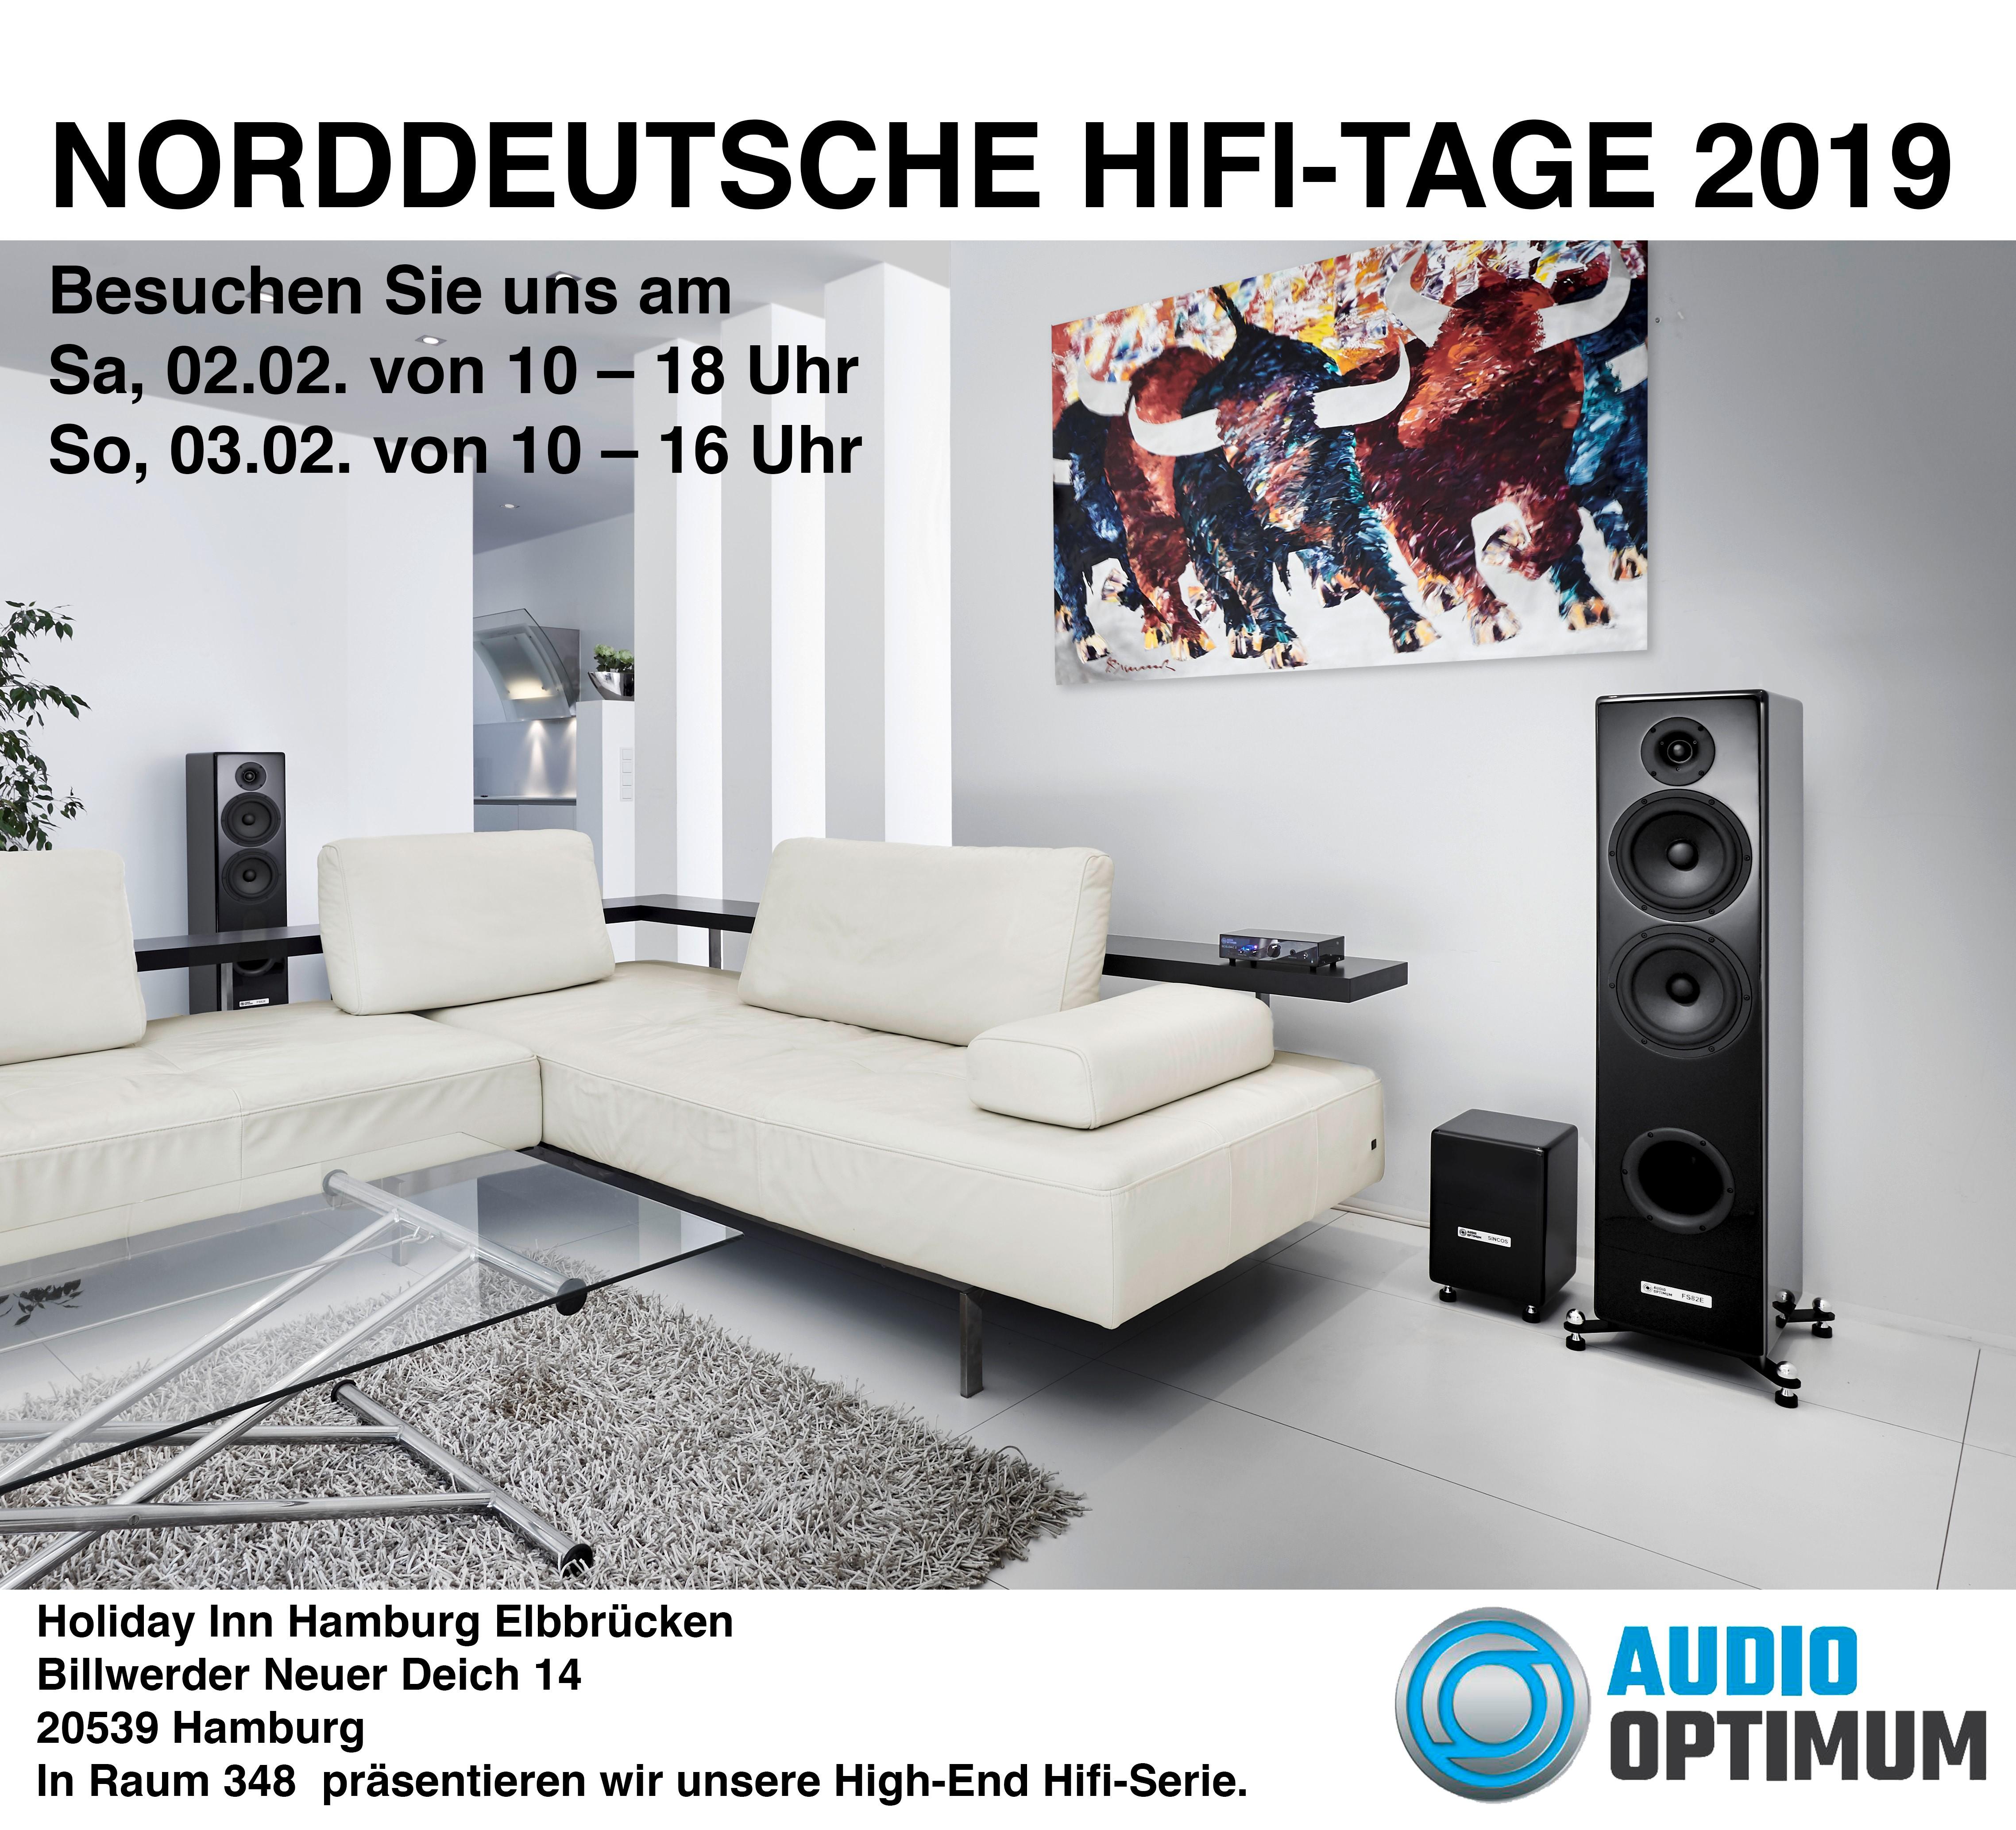 Norddeutsche-Hifi-Tage-2019